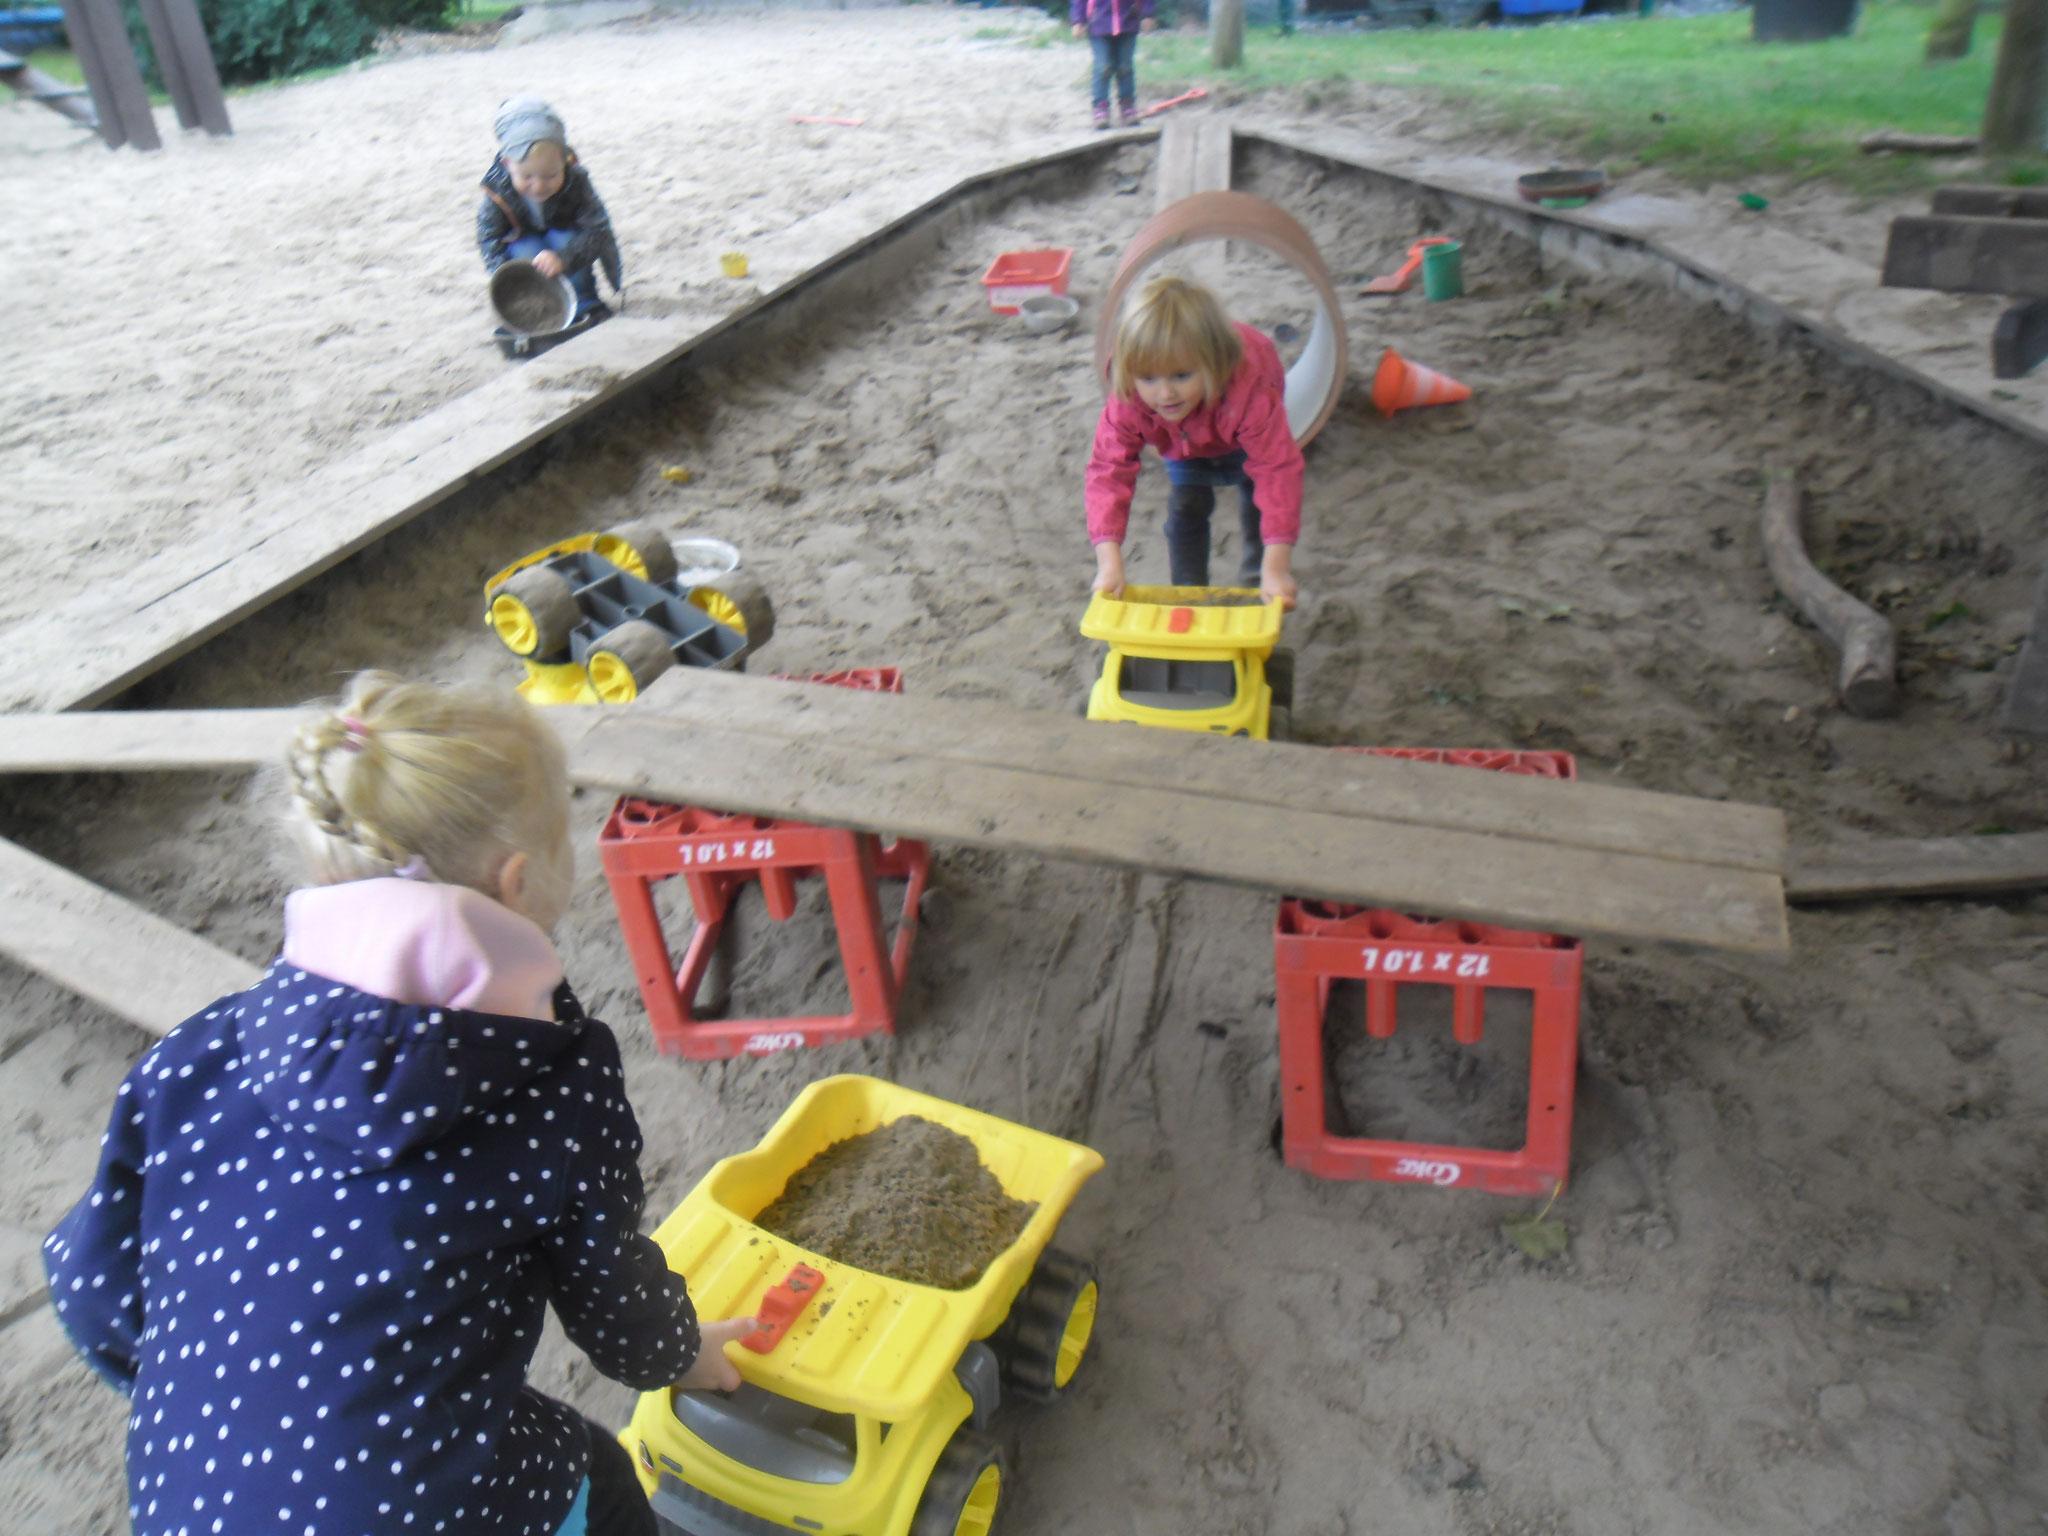 Mit den neuen Fahrzeugen spielten die Kinder im Sand.